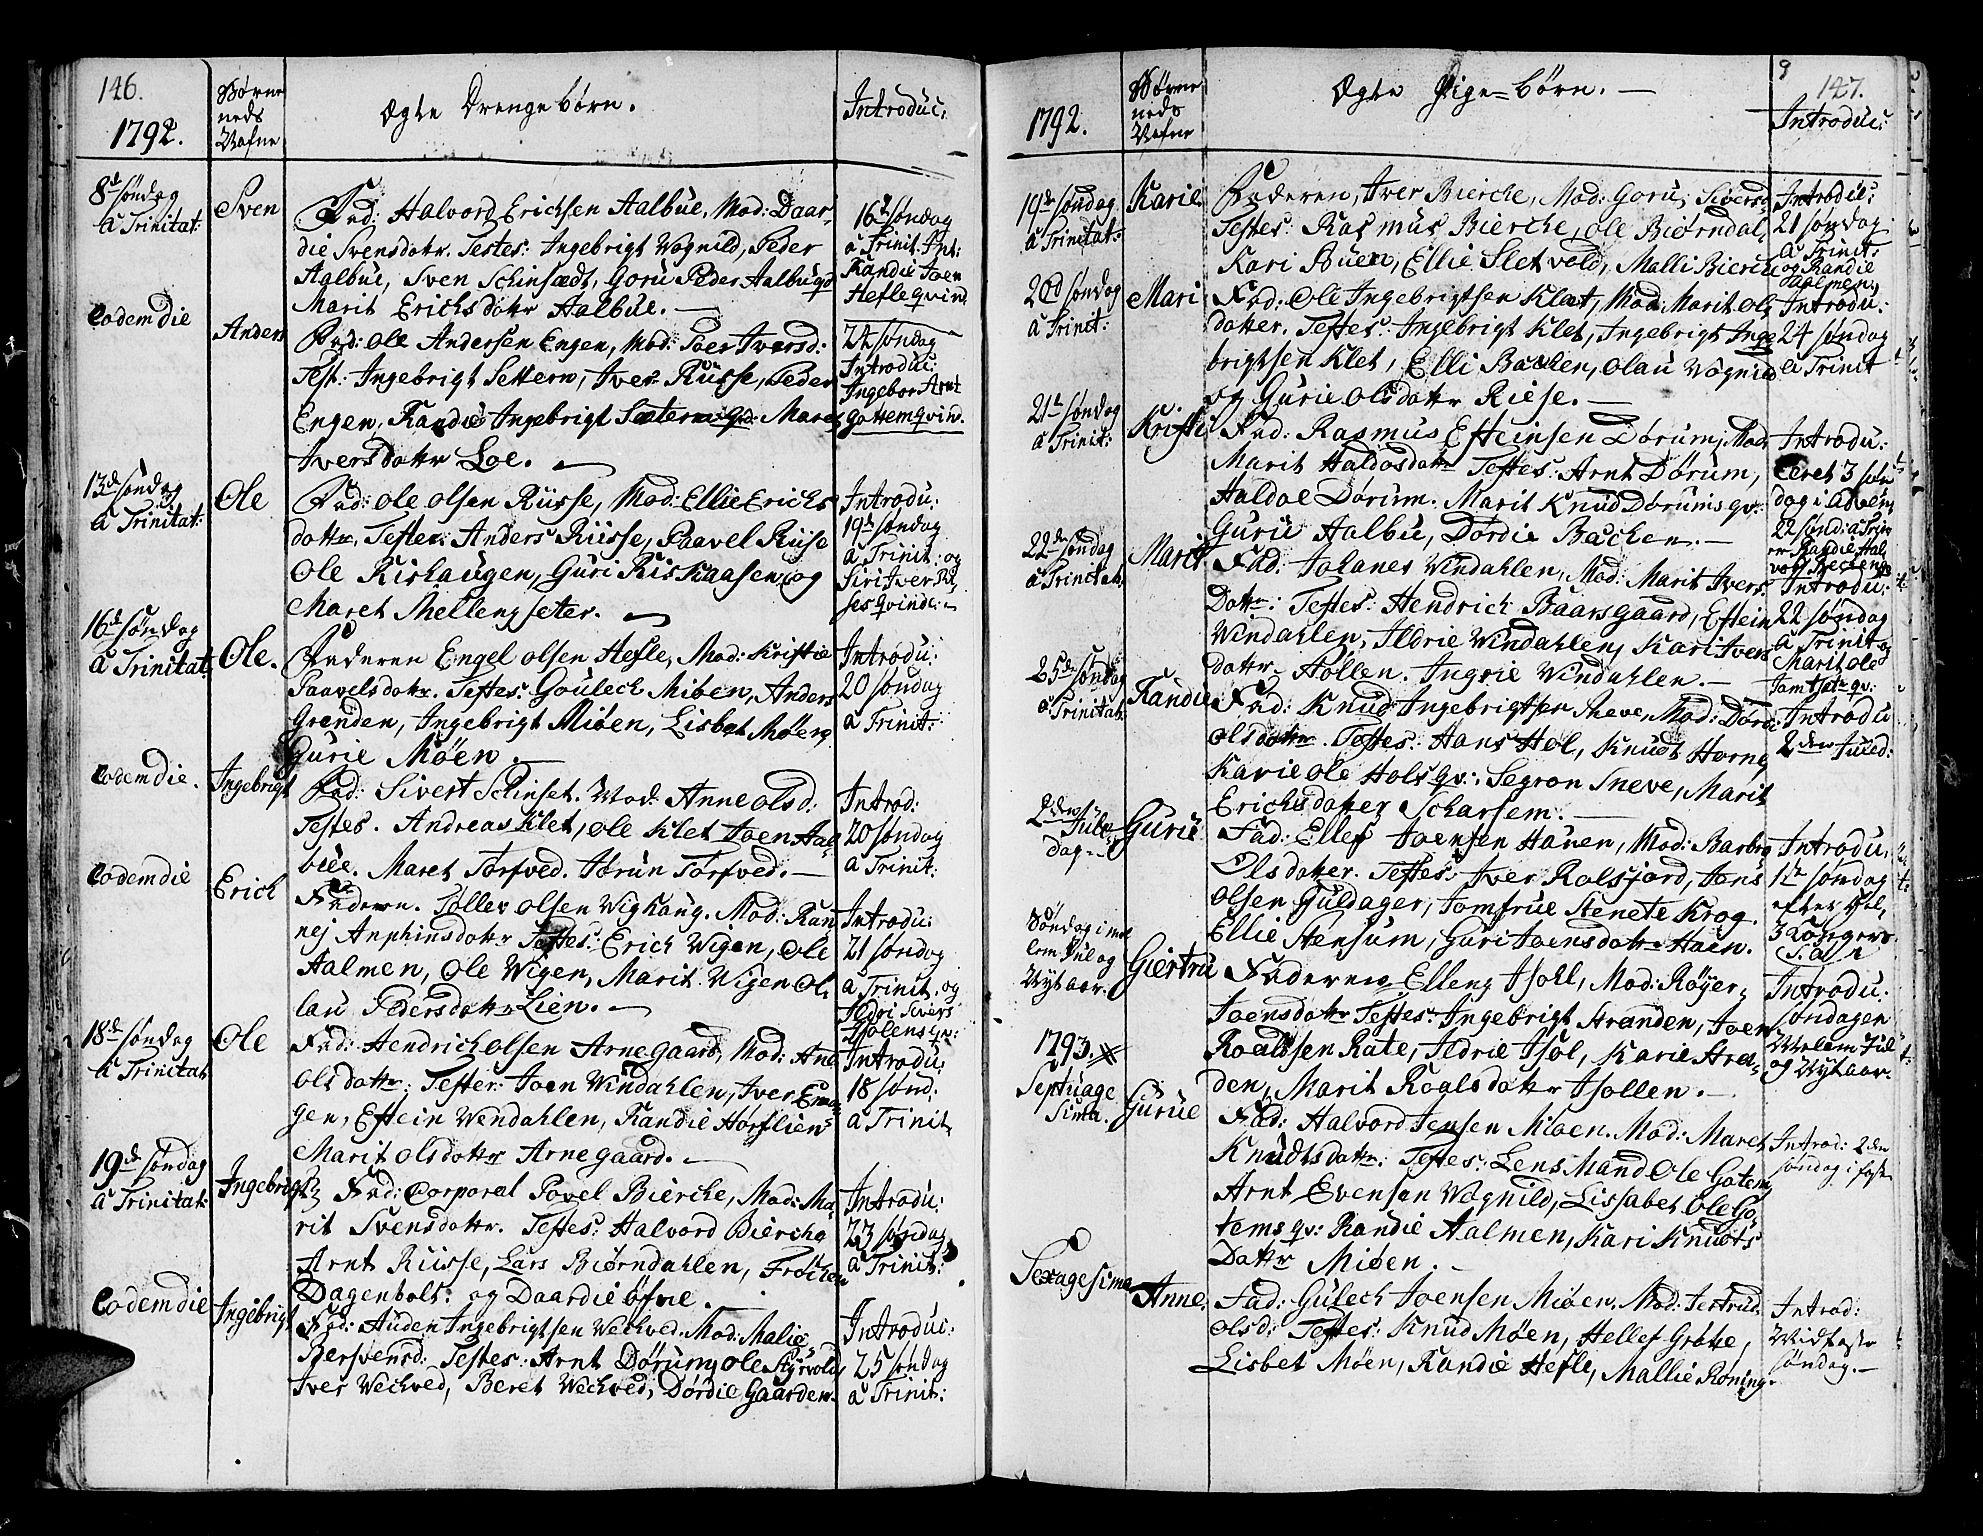 SAT, Ministerialprotokoller, klokkerbøker og fødselsregistre - Sør-Trøndelag, 678/L0893: Ministerialbok nr. 678A03, 1792-1805, s. 146-147